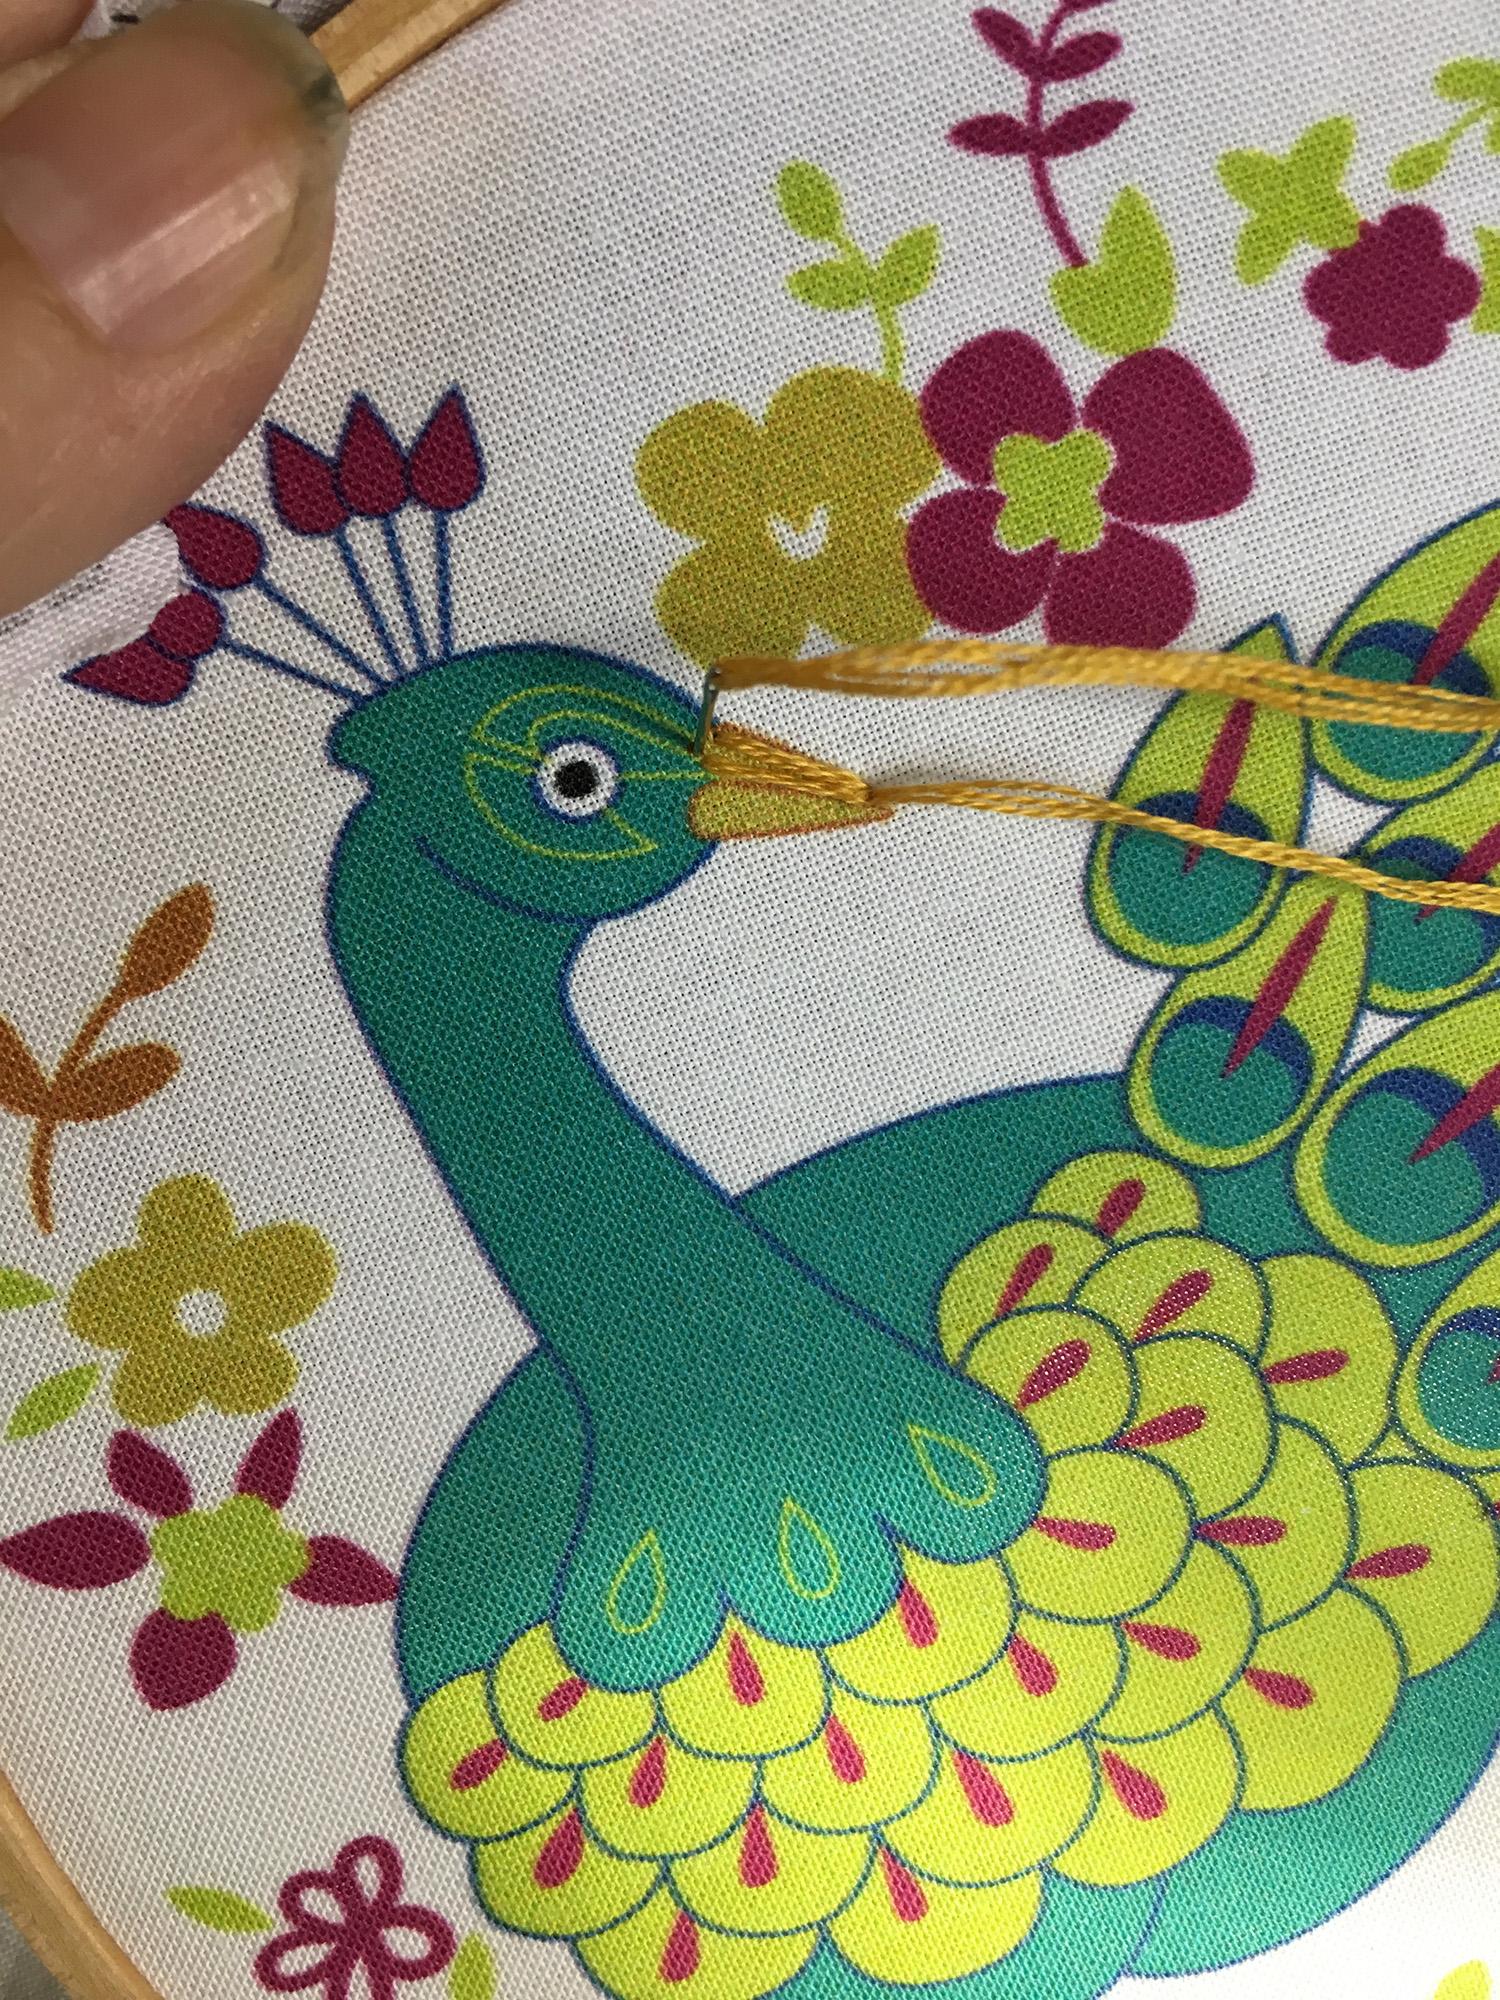 peacock beak 1 rikrack.jpg